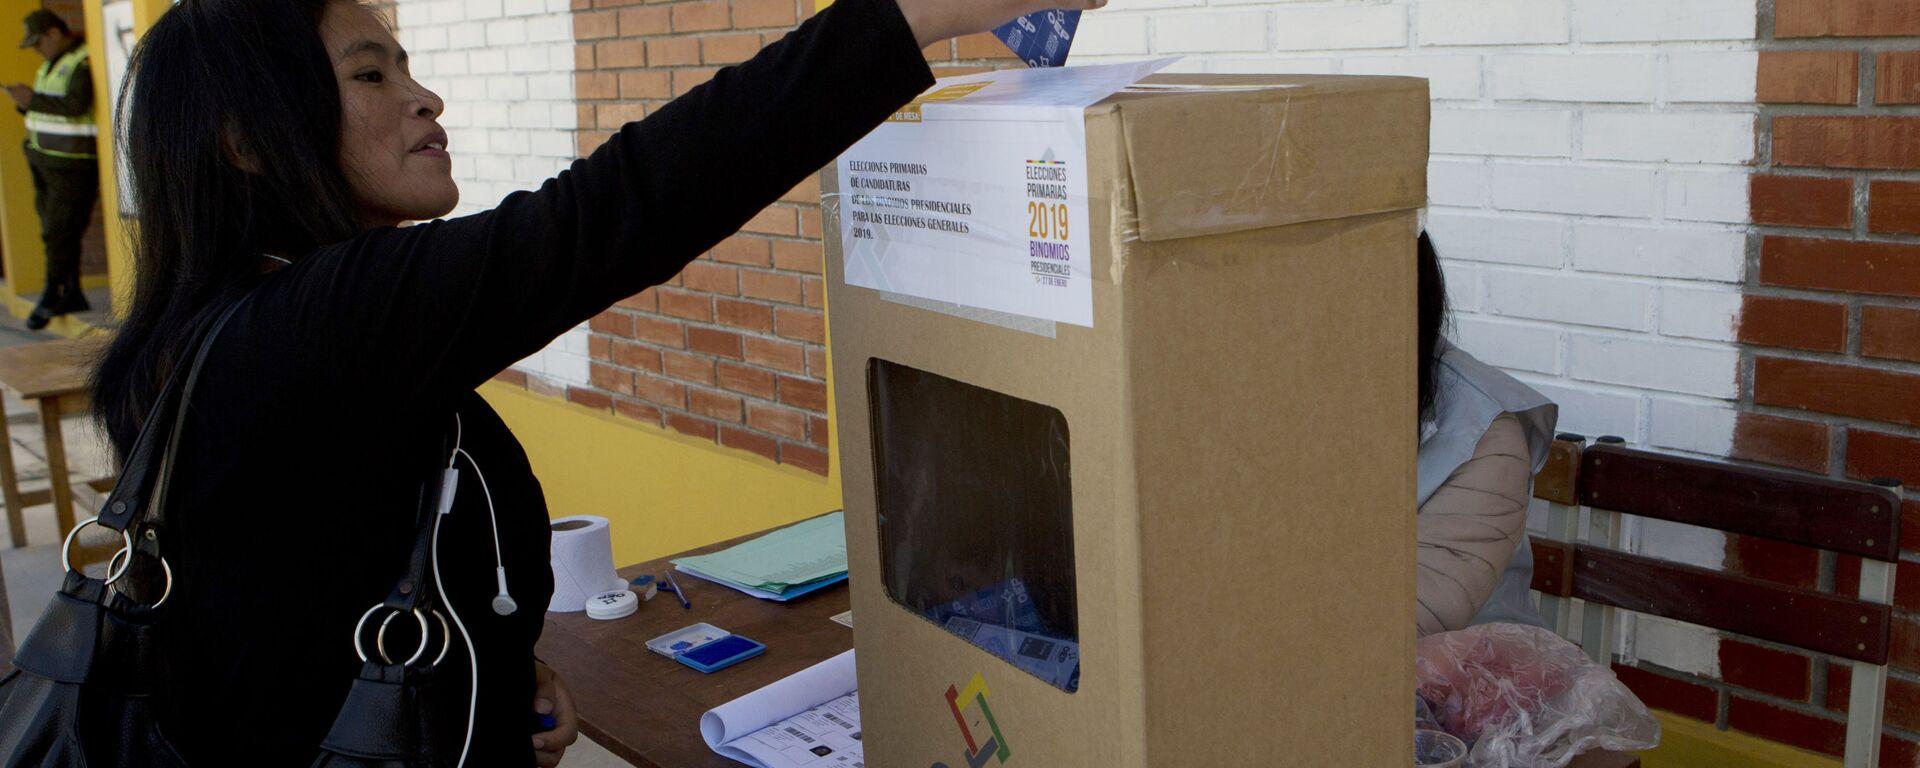 Elecciones primarias en Bolivia (archivo) - Sputnik Mundo, 1920, 28.07.2021